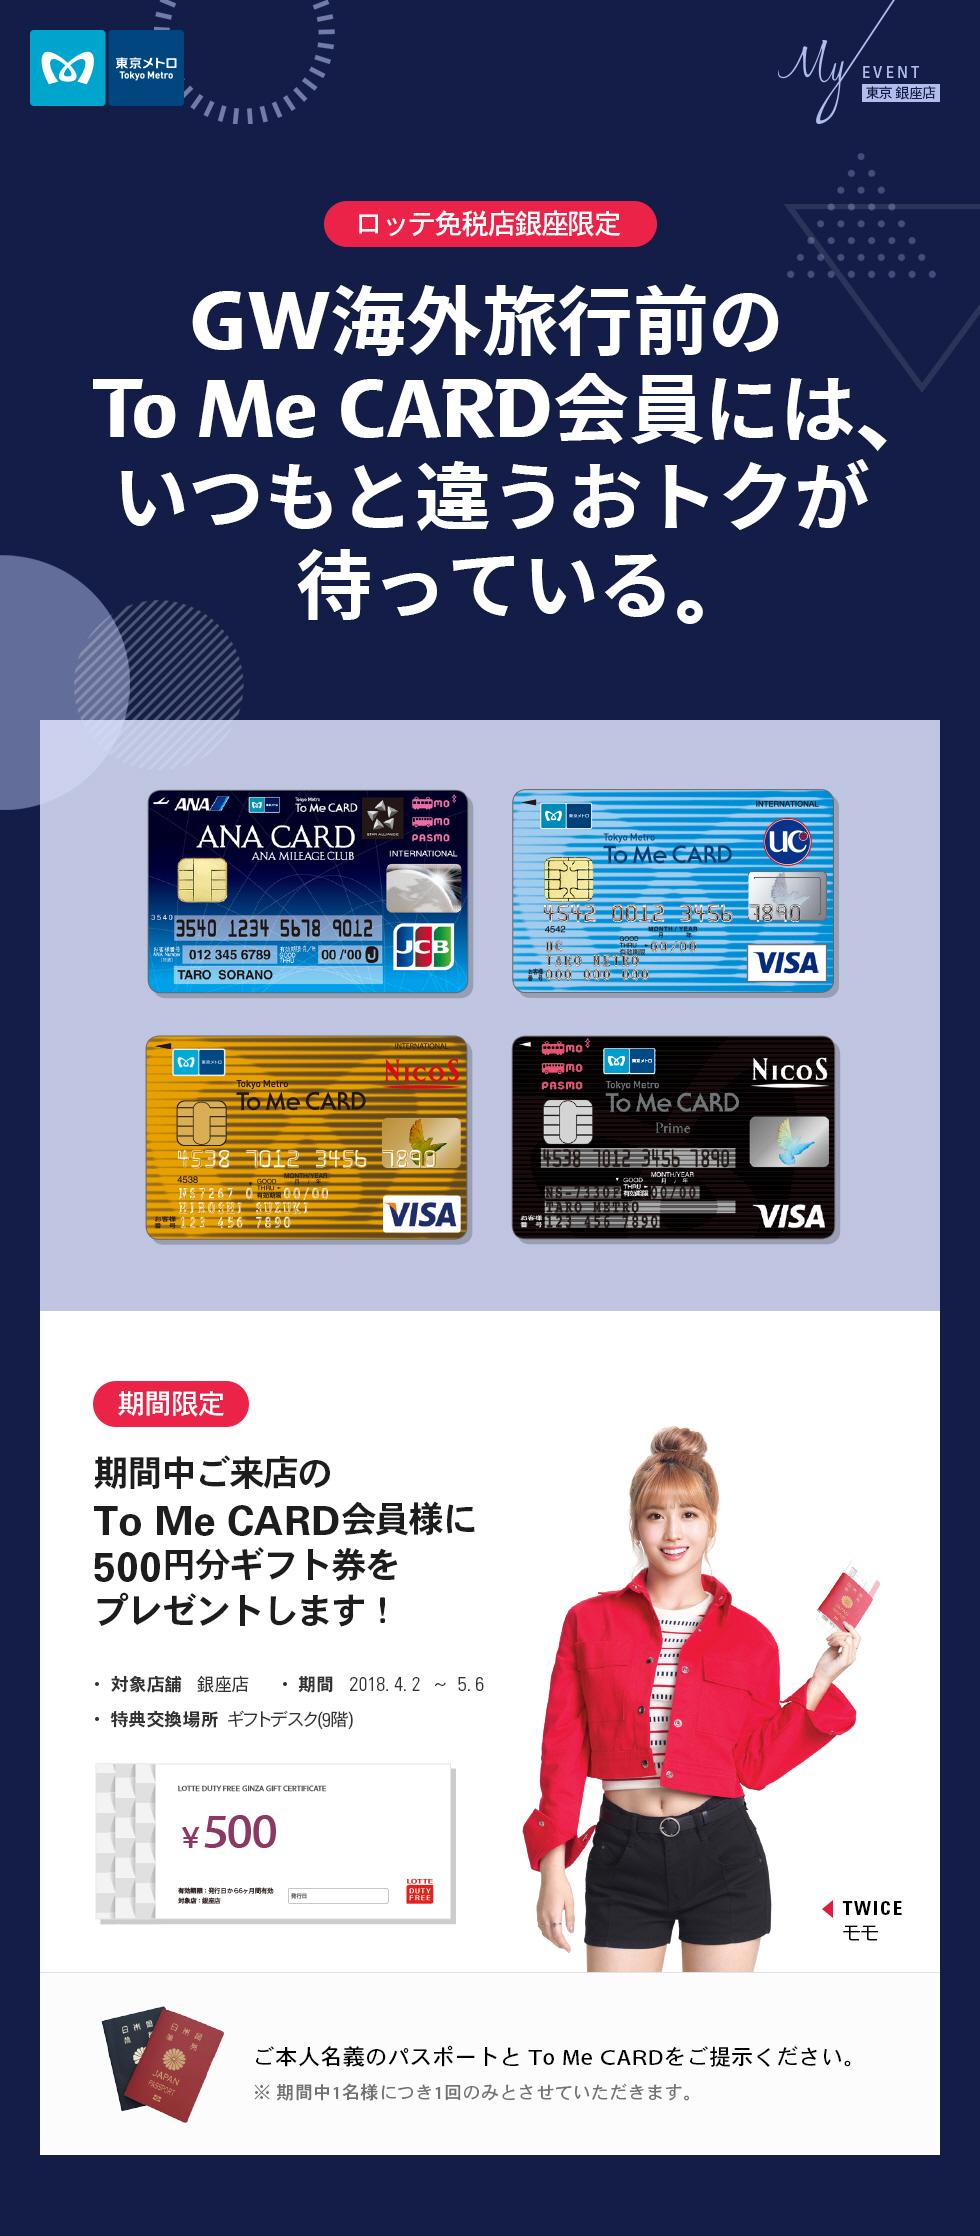 [東京銀座店] To Me CARD会員様限定 GW Special Gift